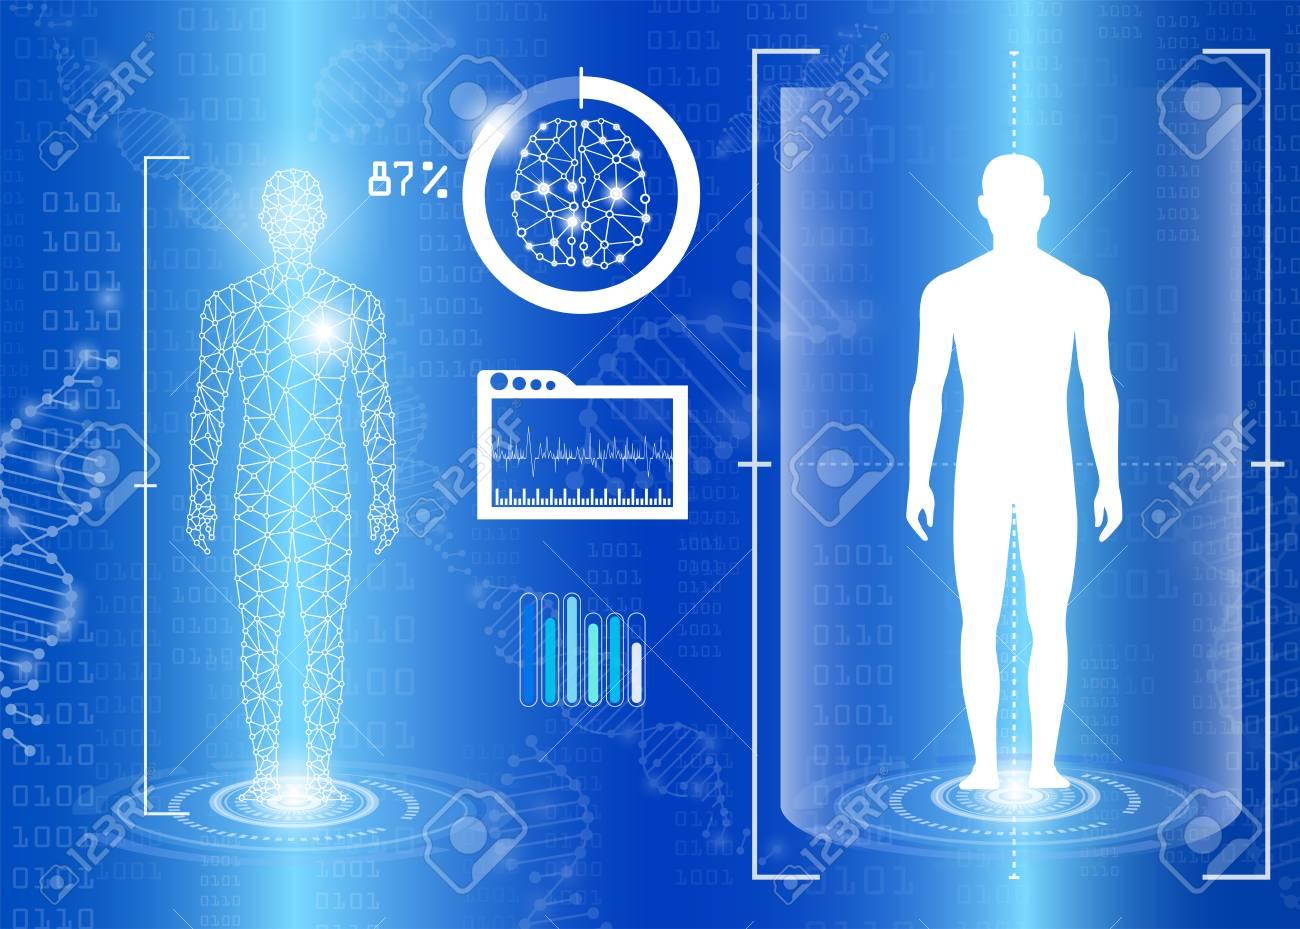 Abstrakte Hintergrund Technologie-Konzept In Blaues Licht ...